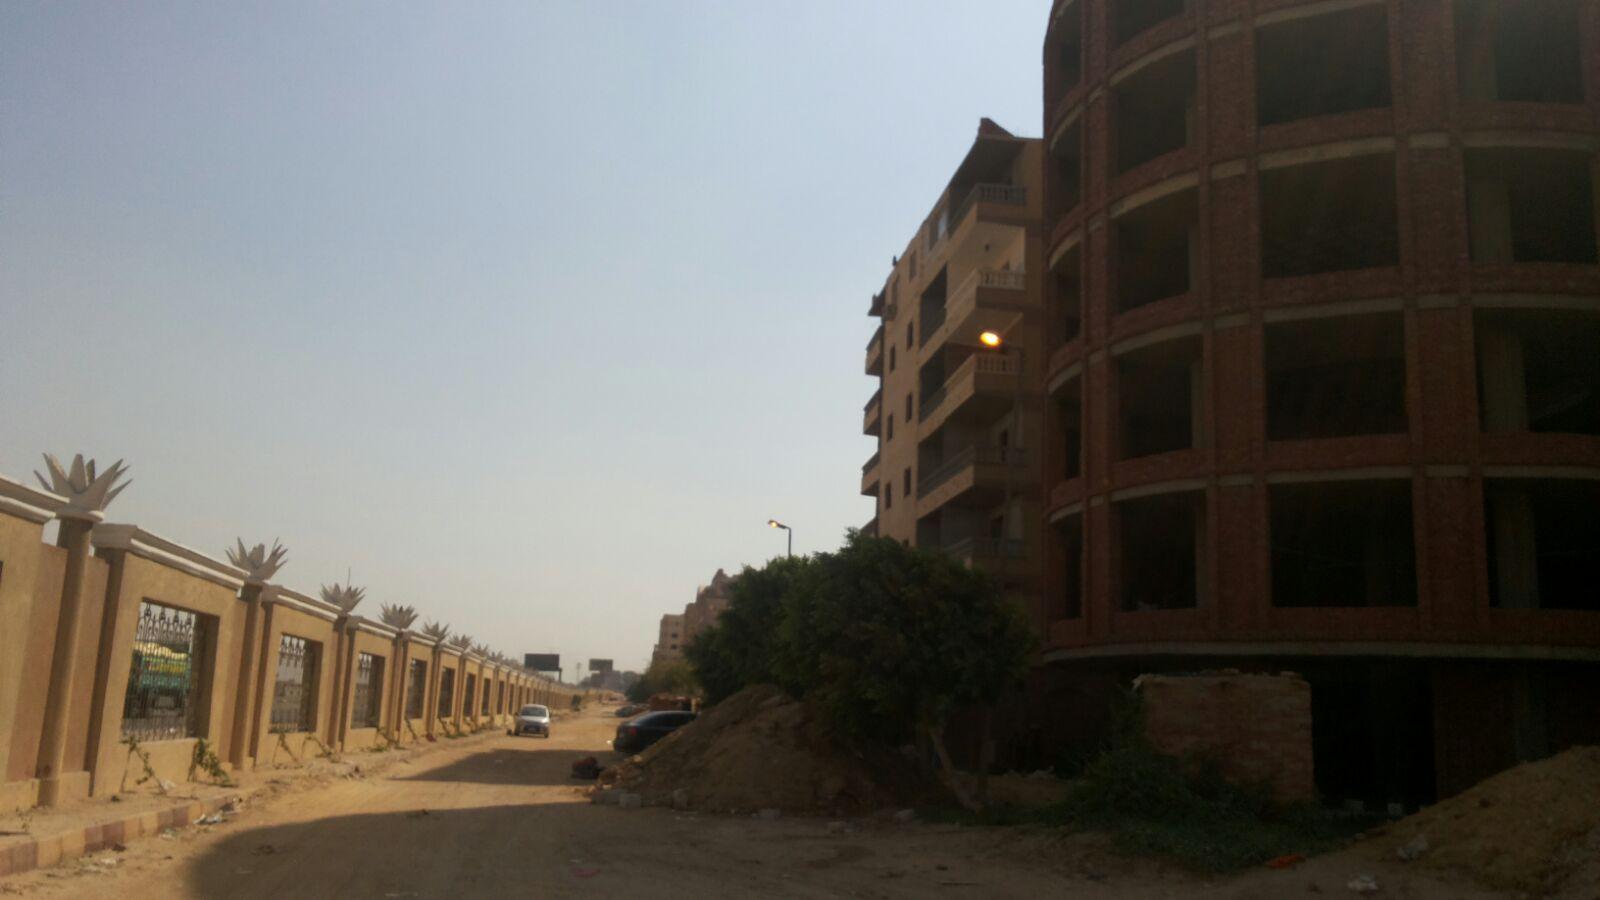 أعمدة إنارة مُضيئة نهارًا في حدائق الأهرام بينما الكهرباء مقطوعة عن سكانها